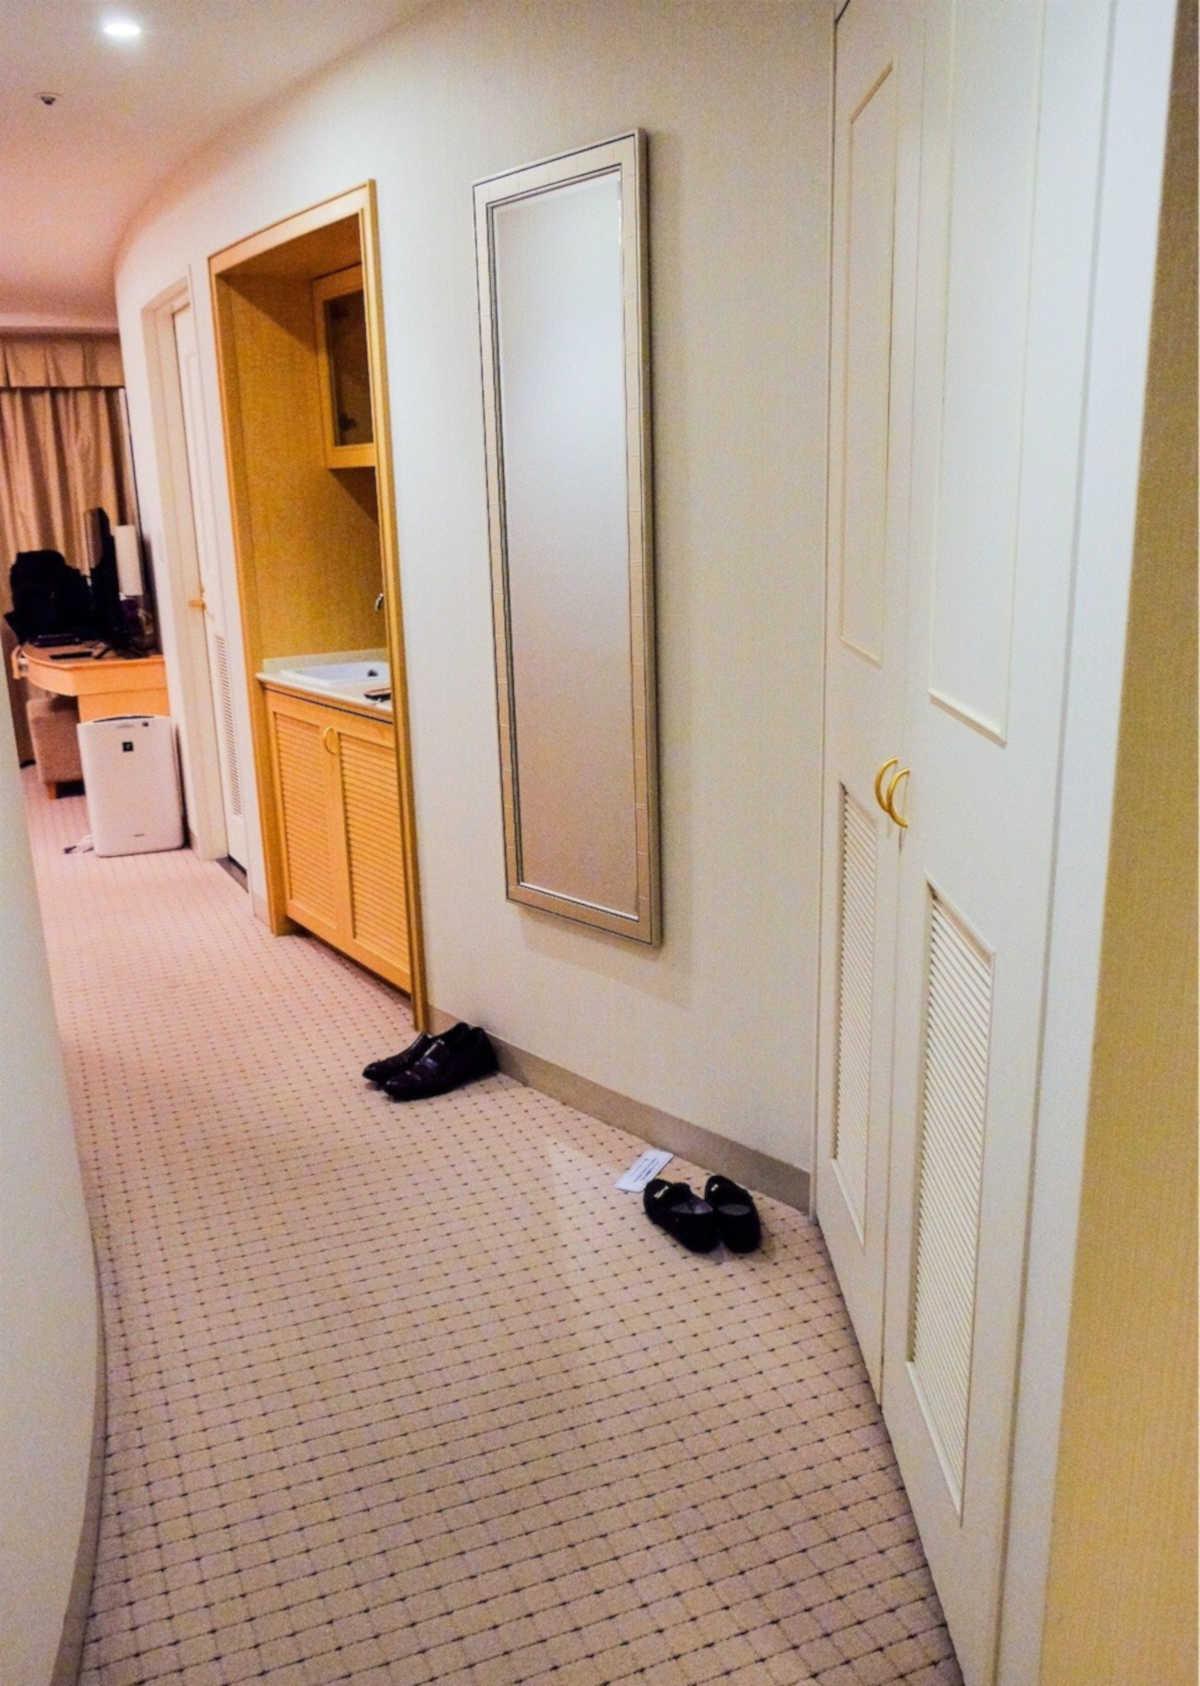 ホテルエミオン 客室